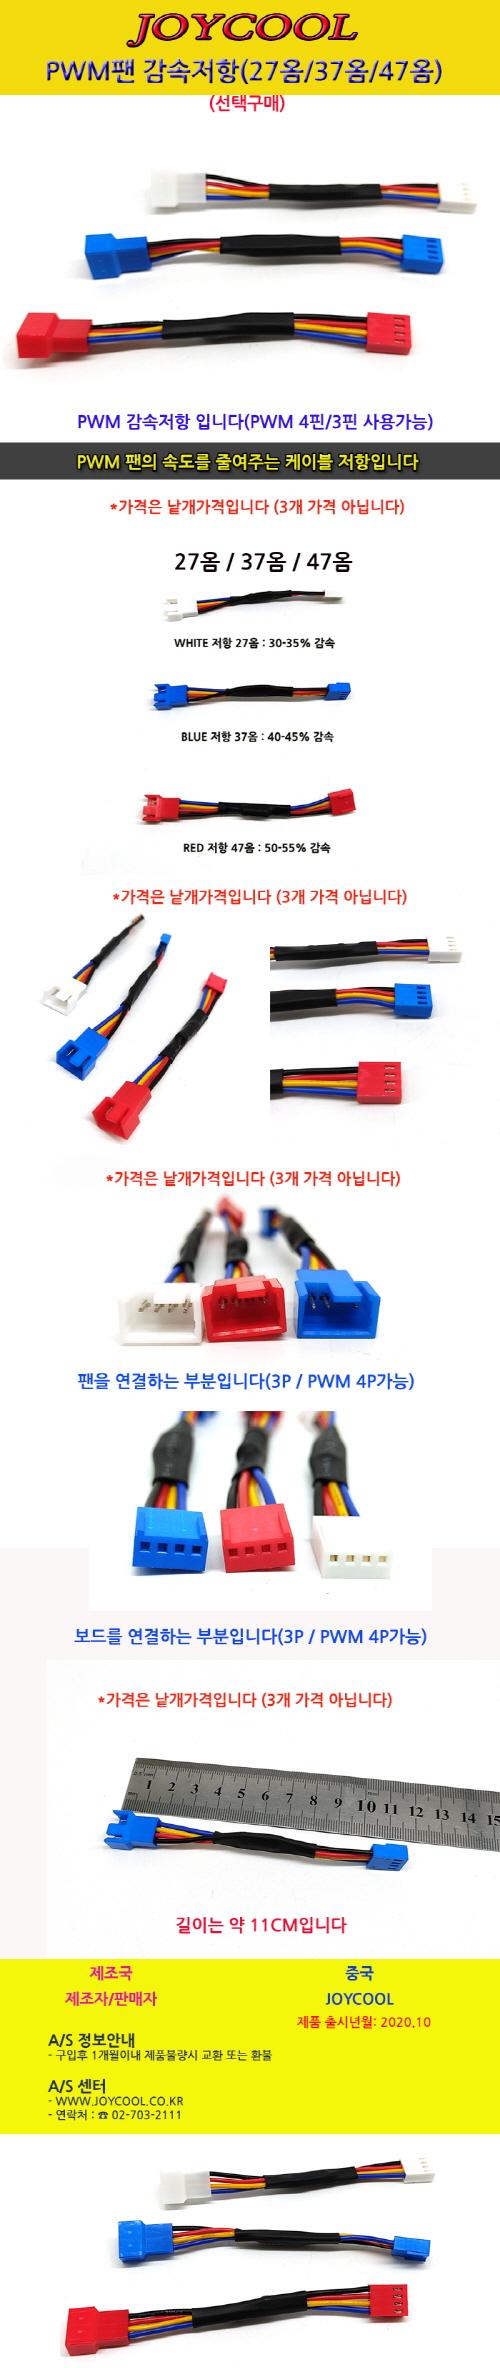 조이쿨 조이쿨 PWM 팬 감속저항 27옴 케이블 (0.11m)